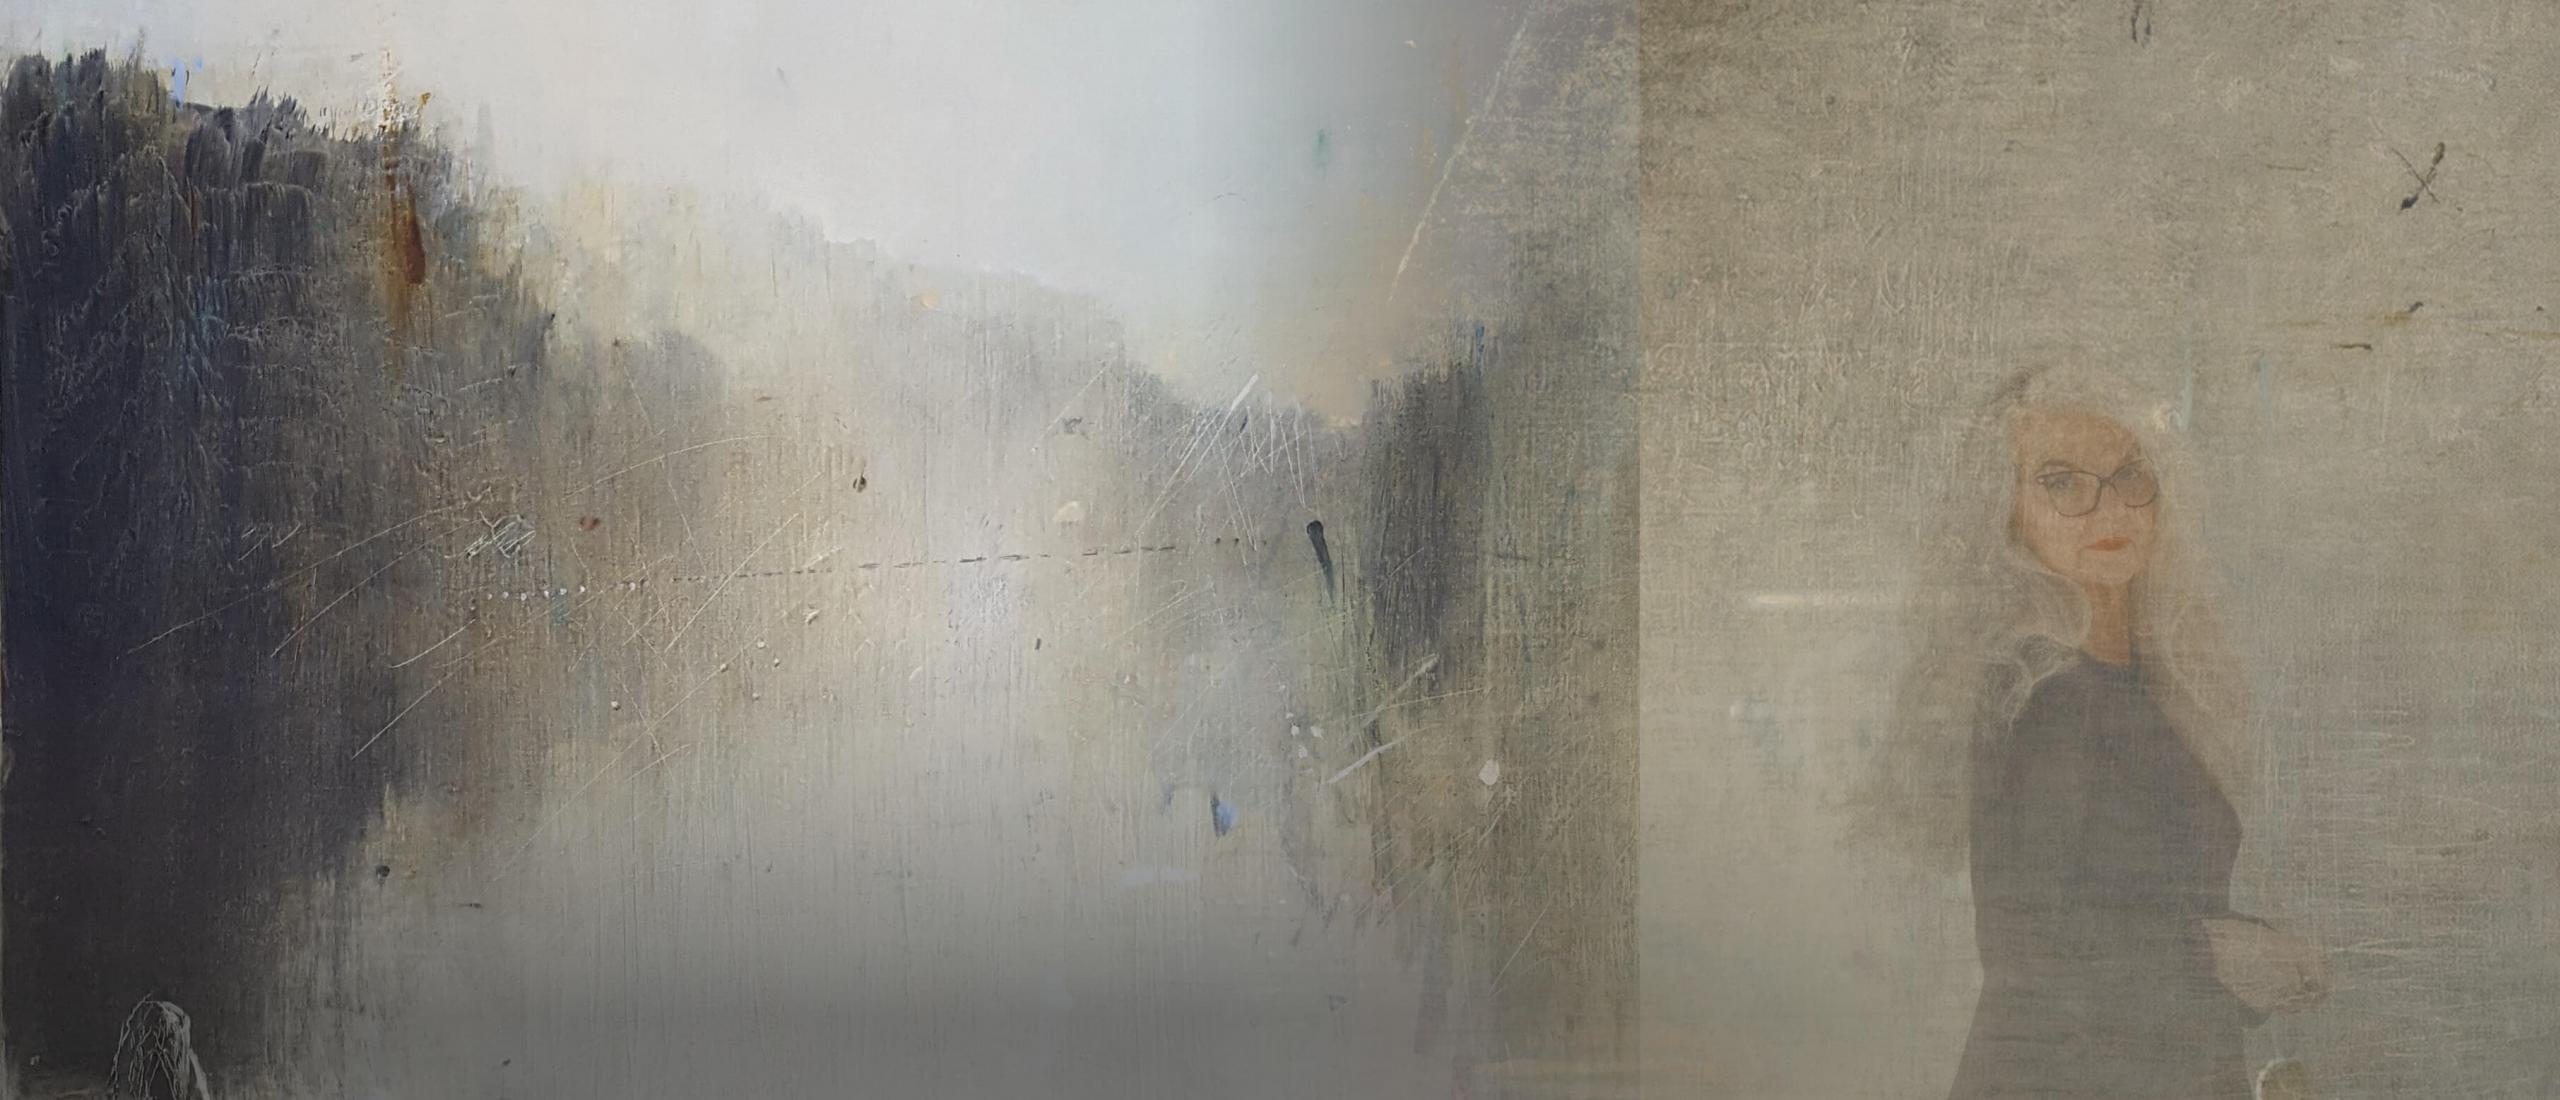 Digital utställning på nipa.ax med Yvonne Swahn